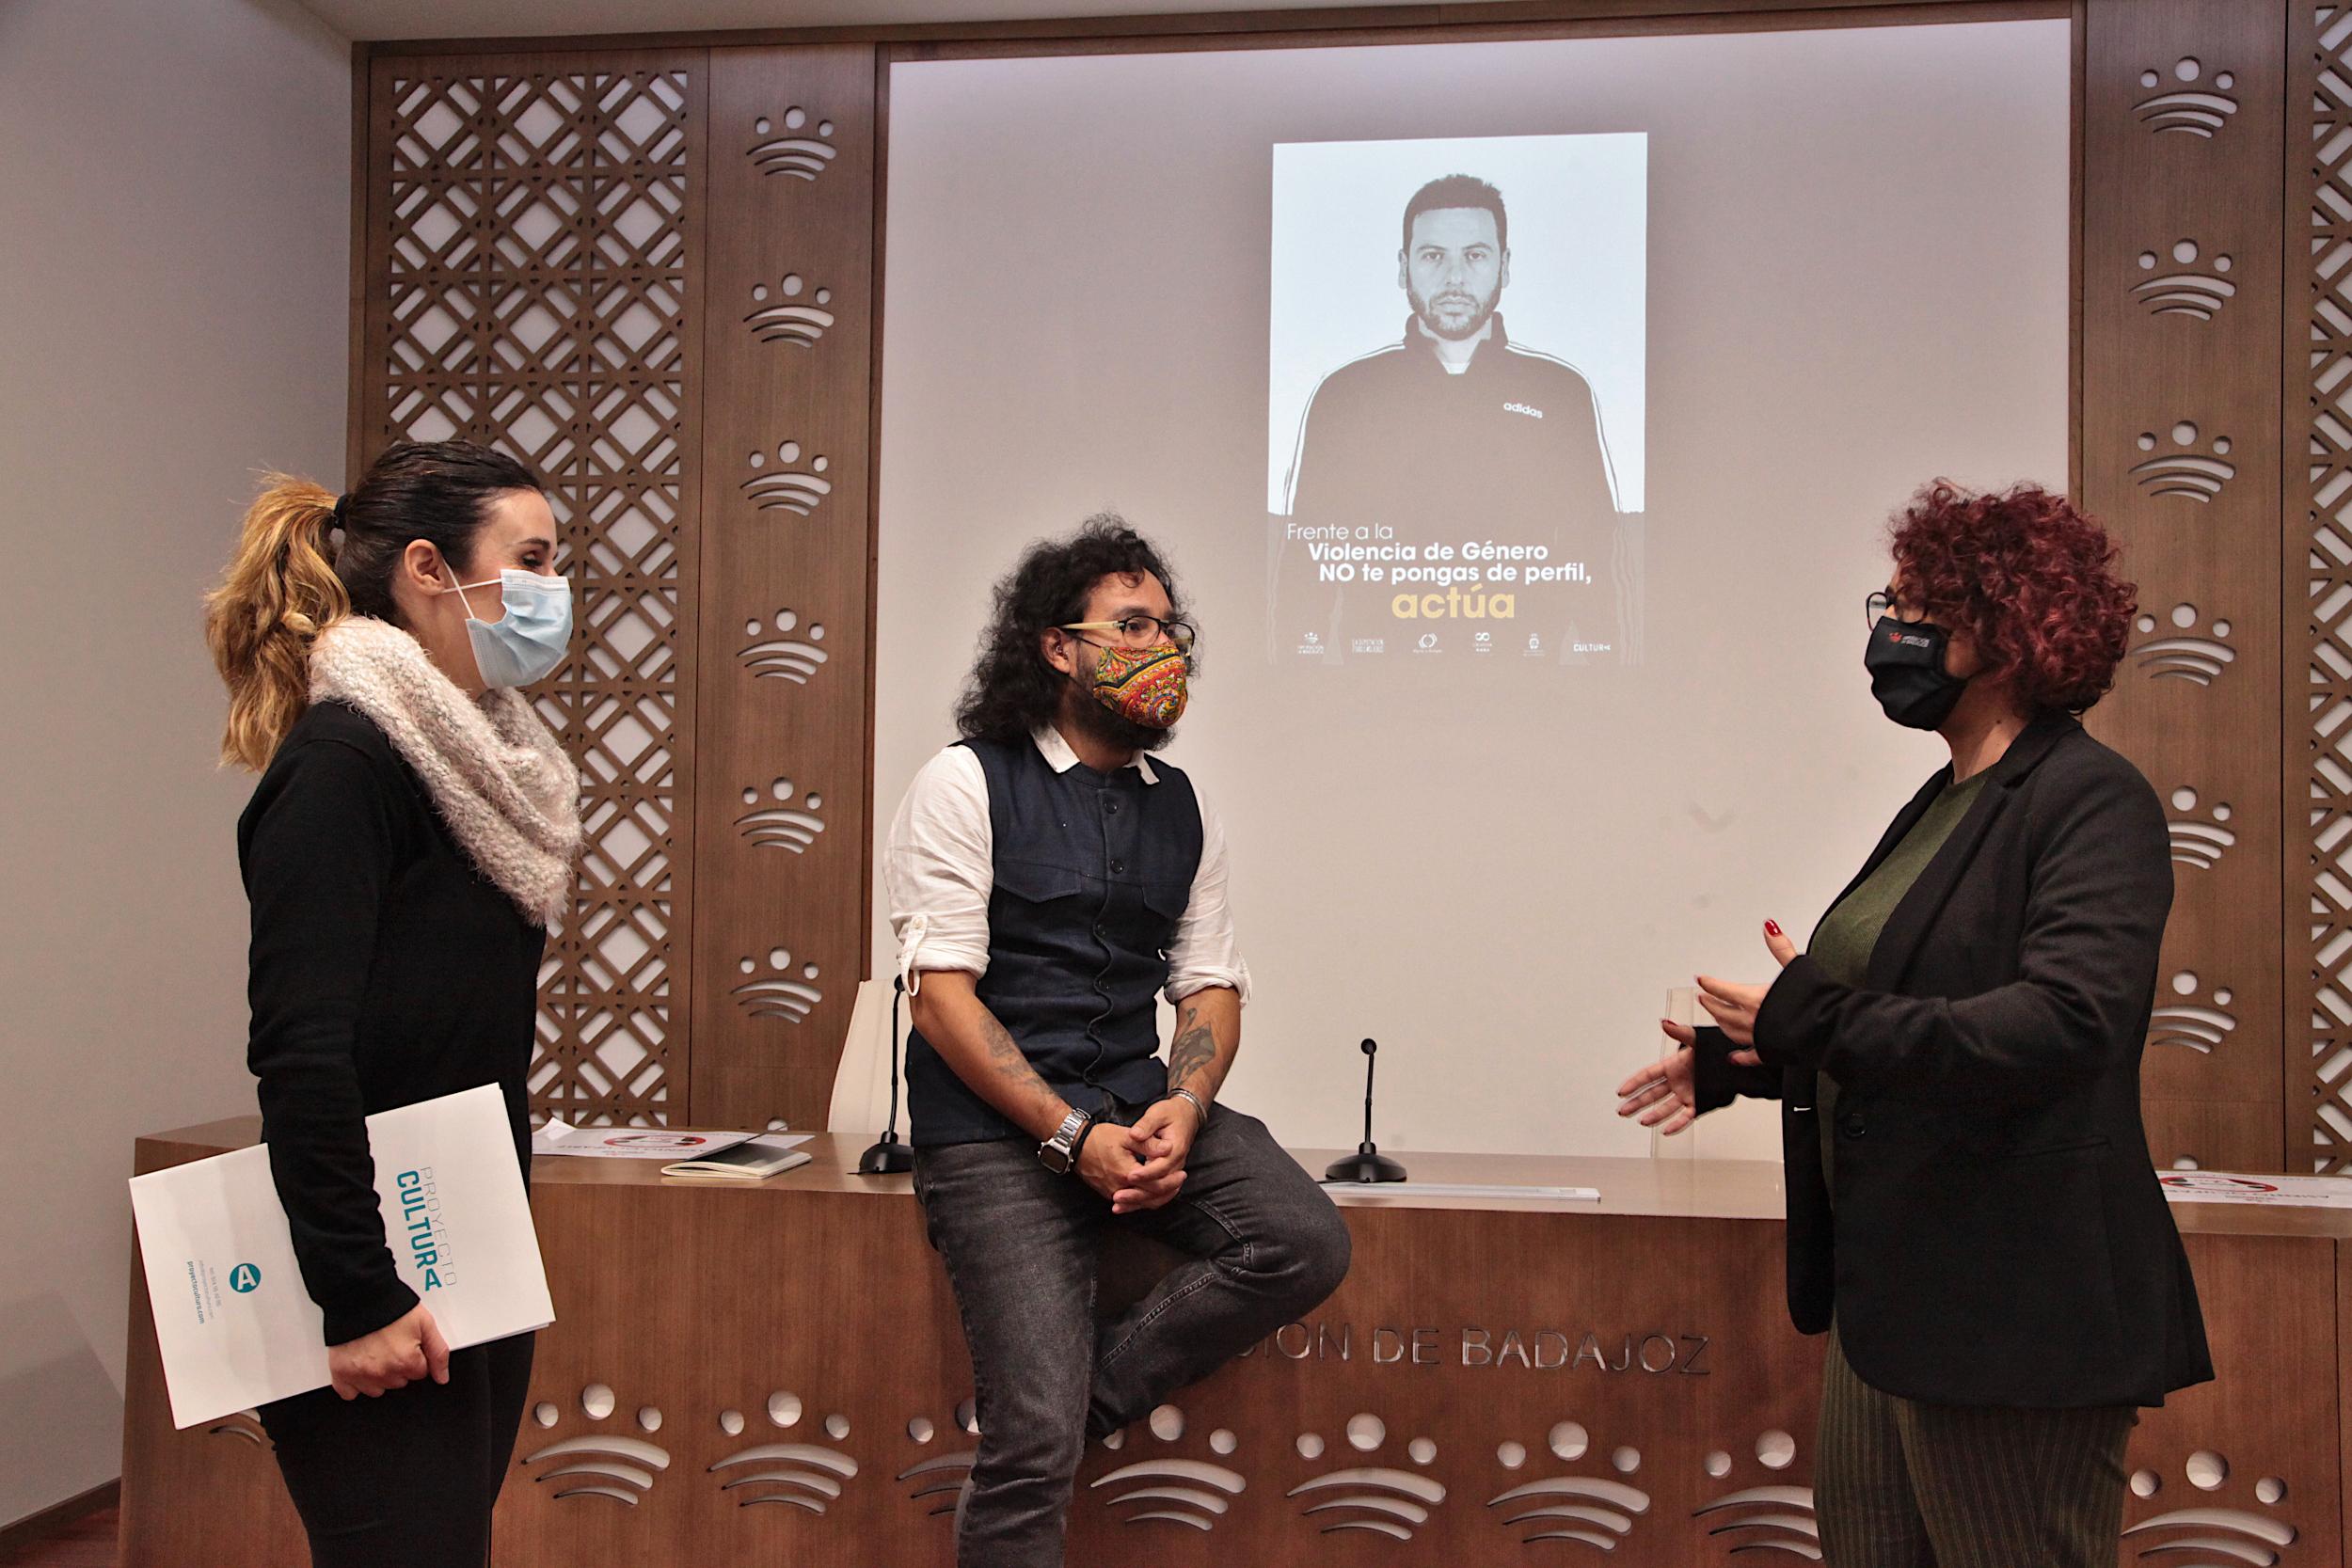 Imagen de la noticia: Una exposición fotográfica para conmemorar el 25 ...